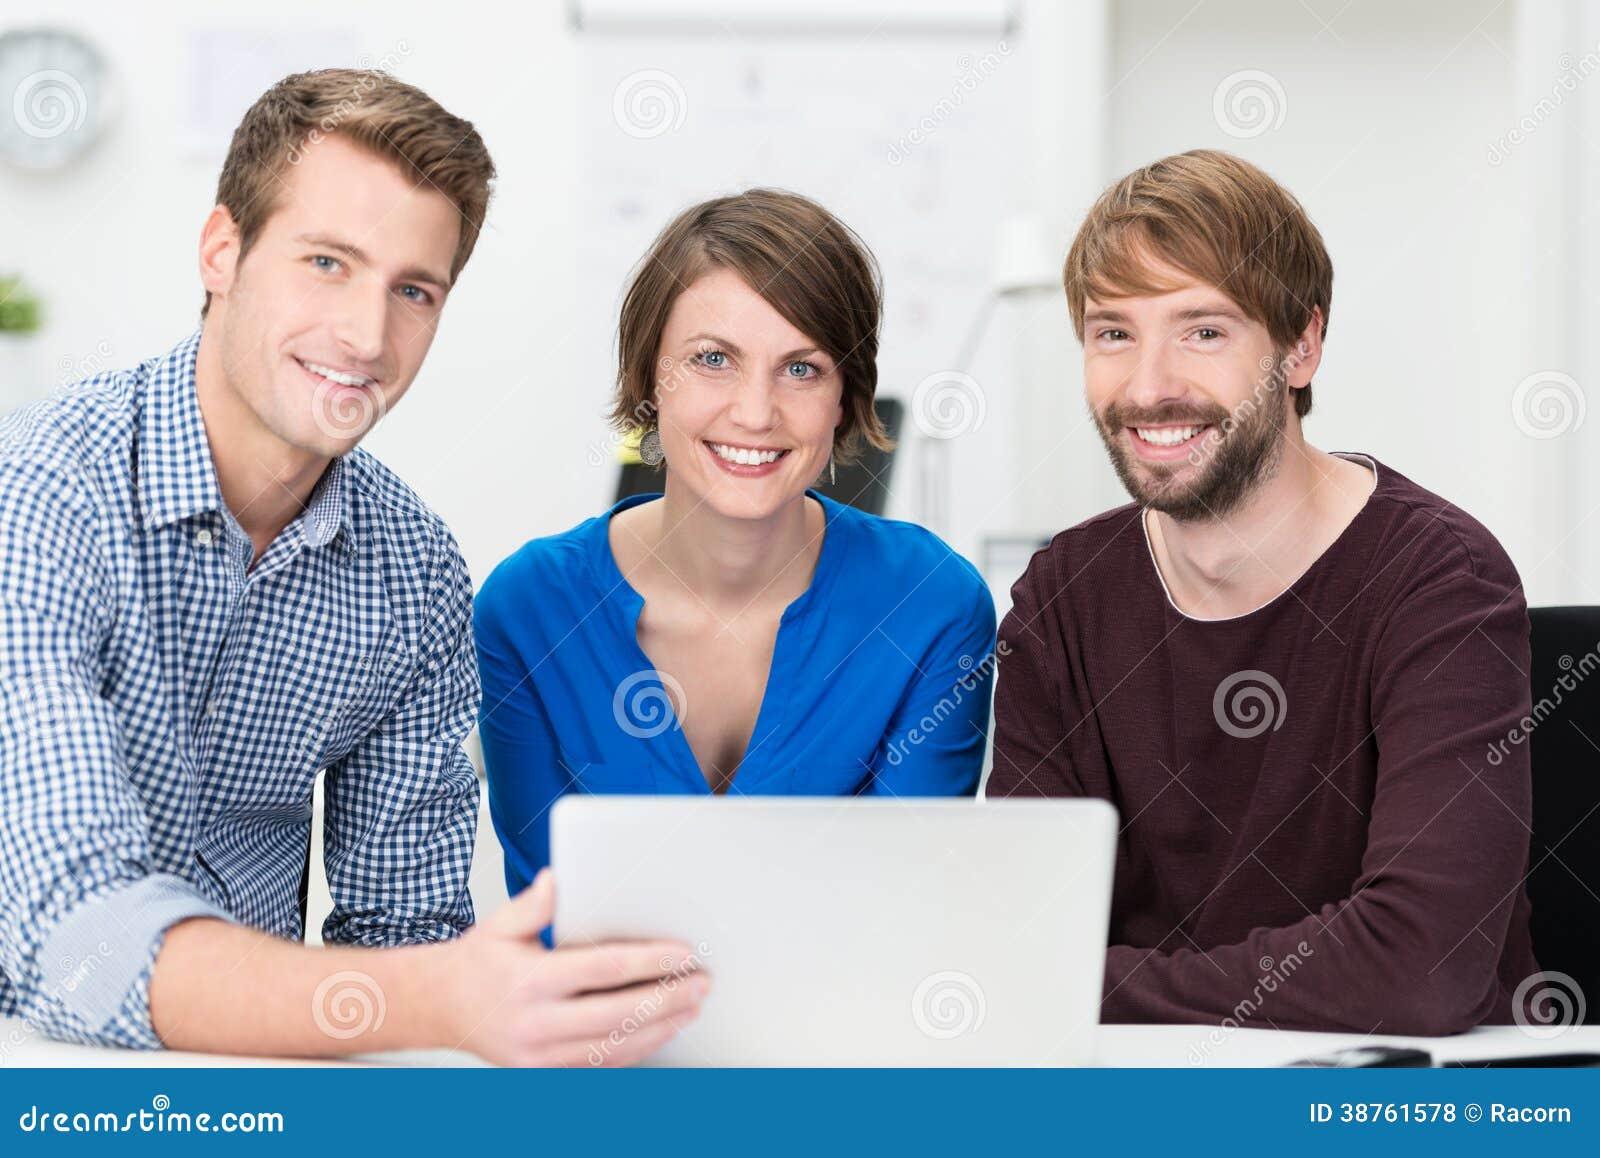 Equipe segura do negócio agrupada em torno de um portátil